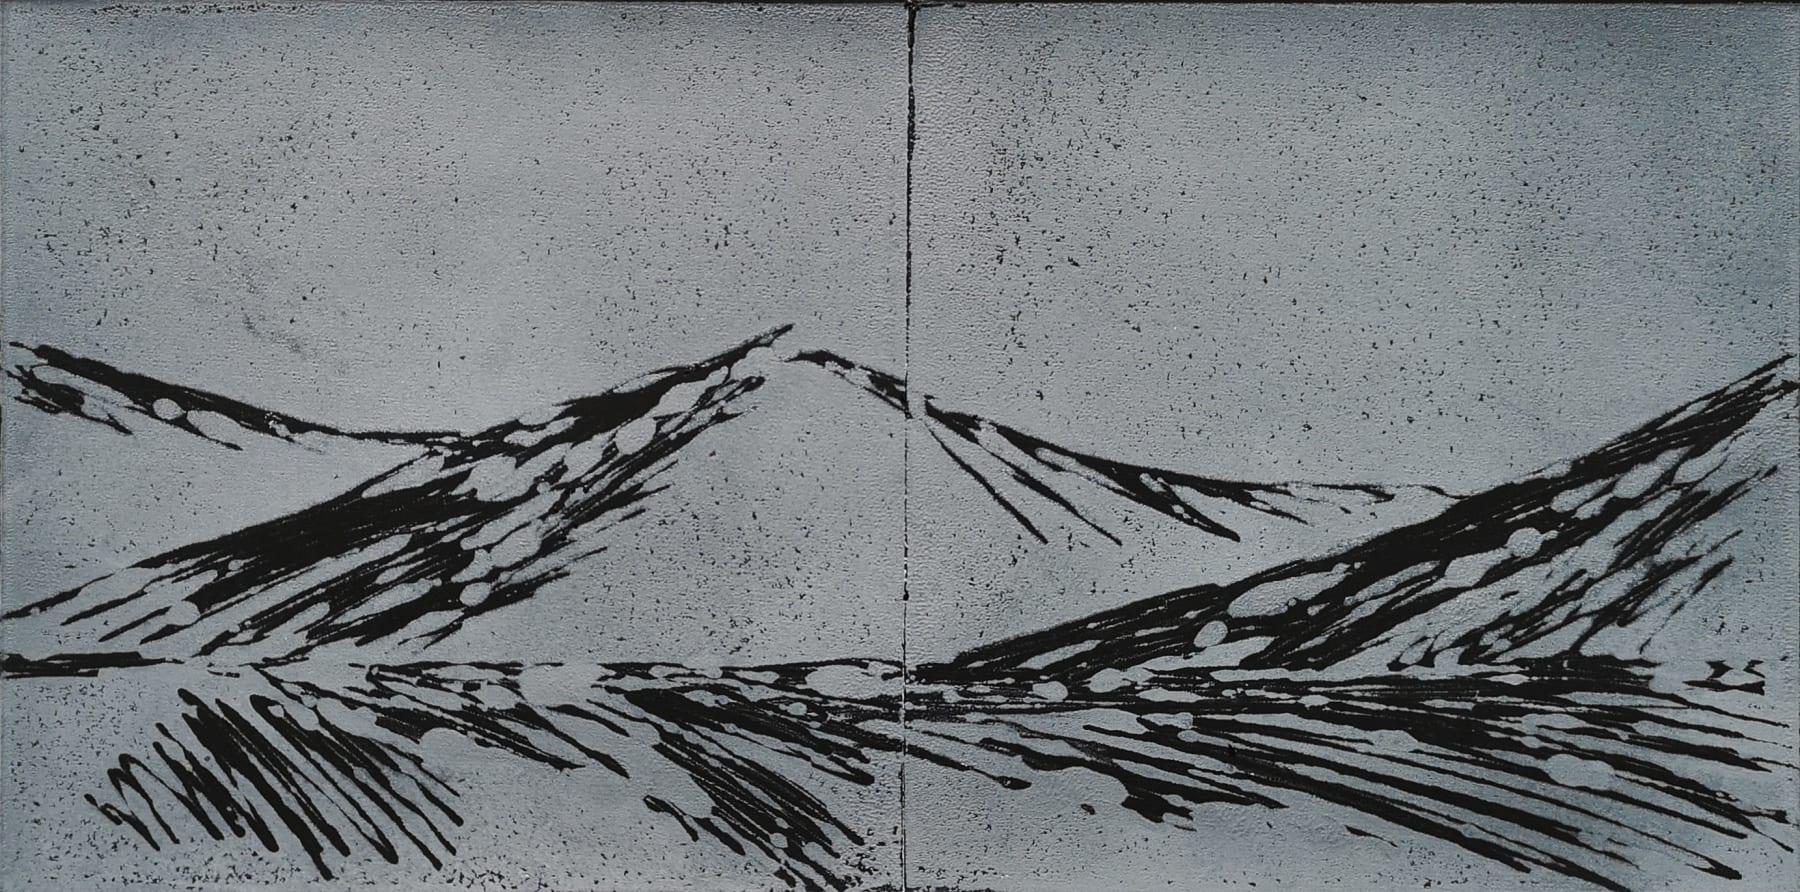 Summer Auction 2020, LOT 113 - Hamish Macaulay - 'Memories of Tukino', 2020